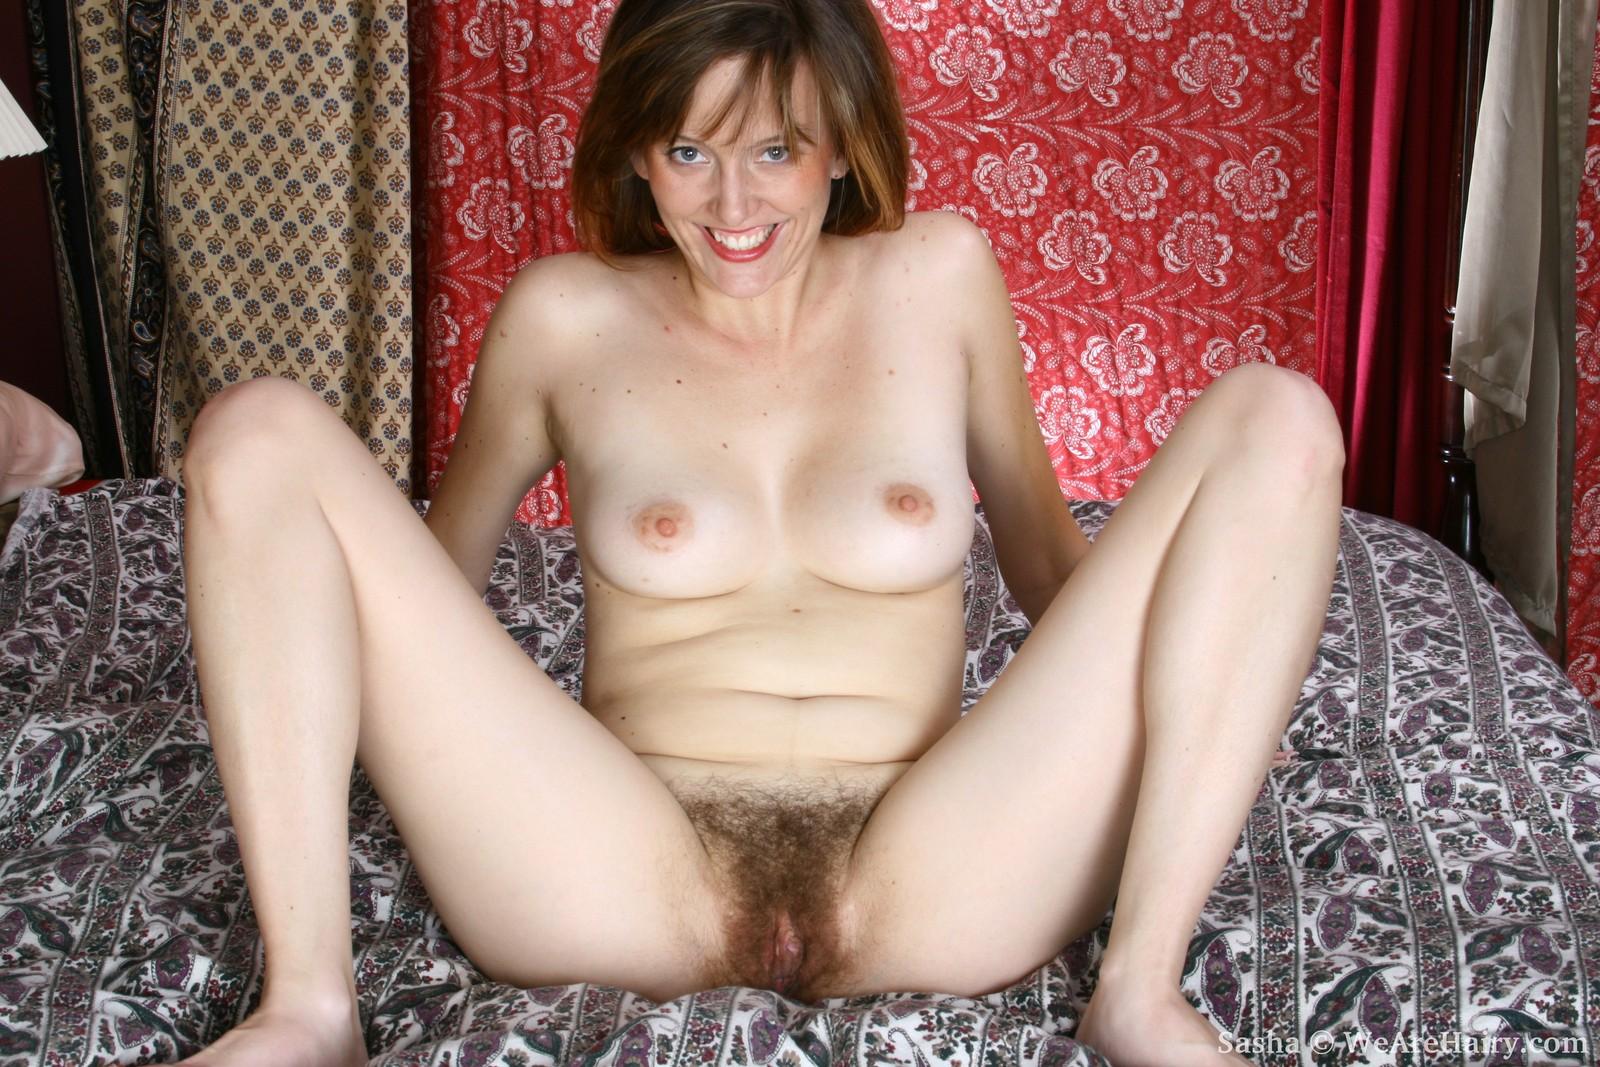 Фото волосатые голые тети, Секс фото с волосатыми -галерей. Смотреть порно 5 фотография